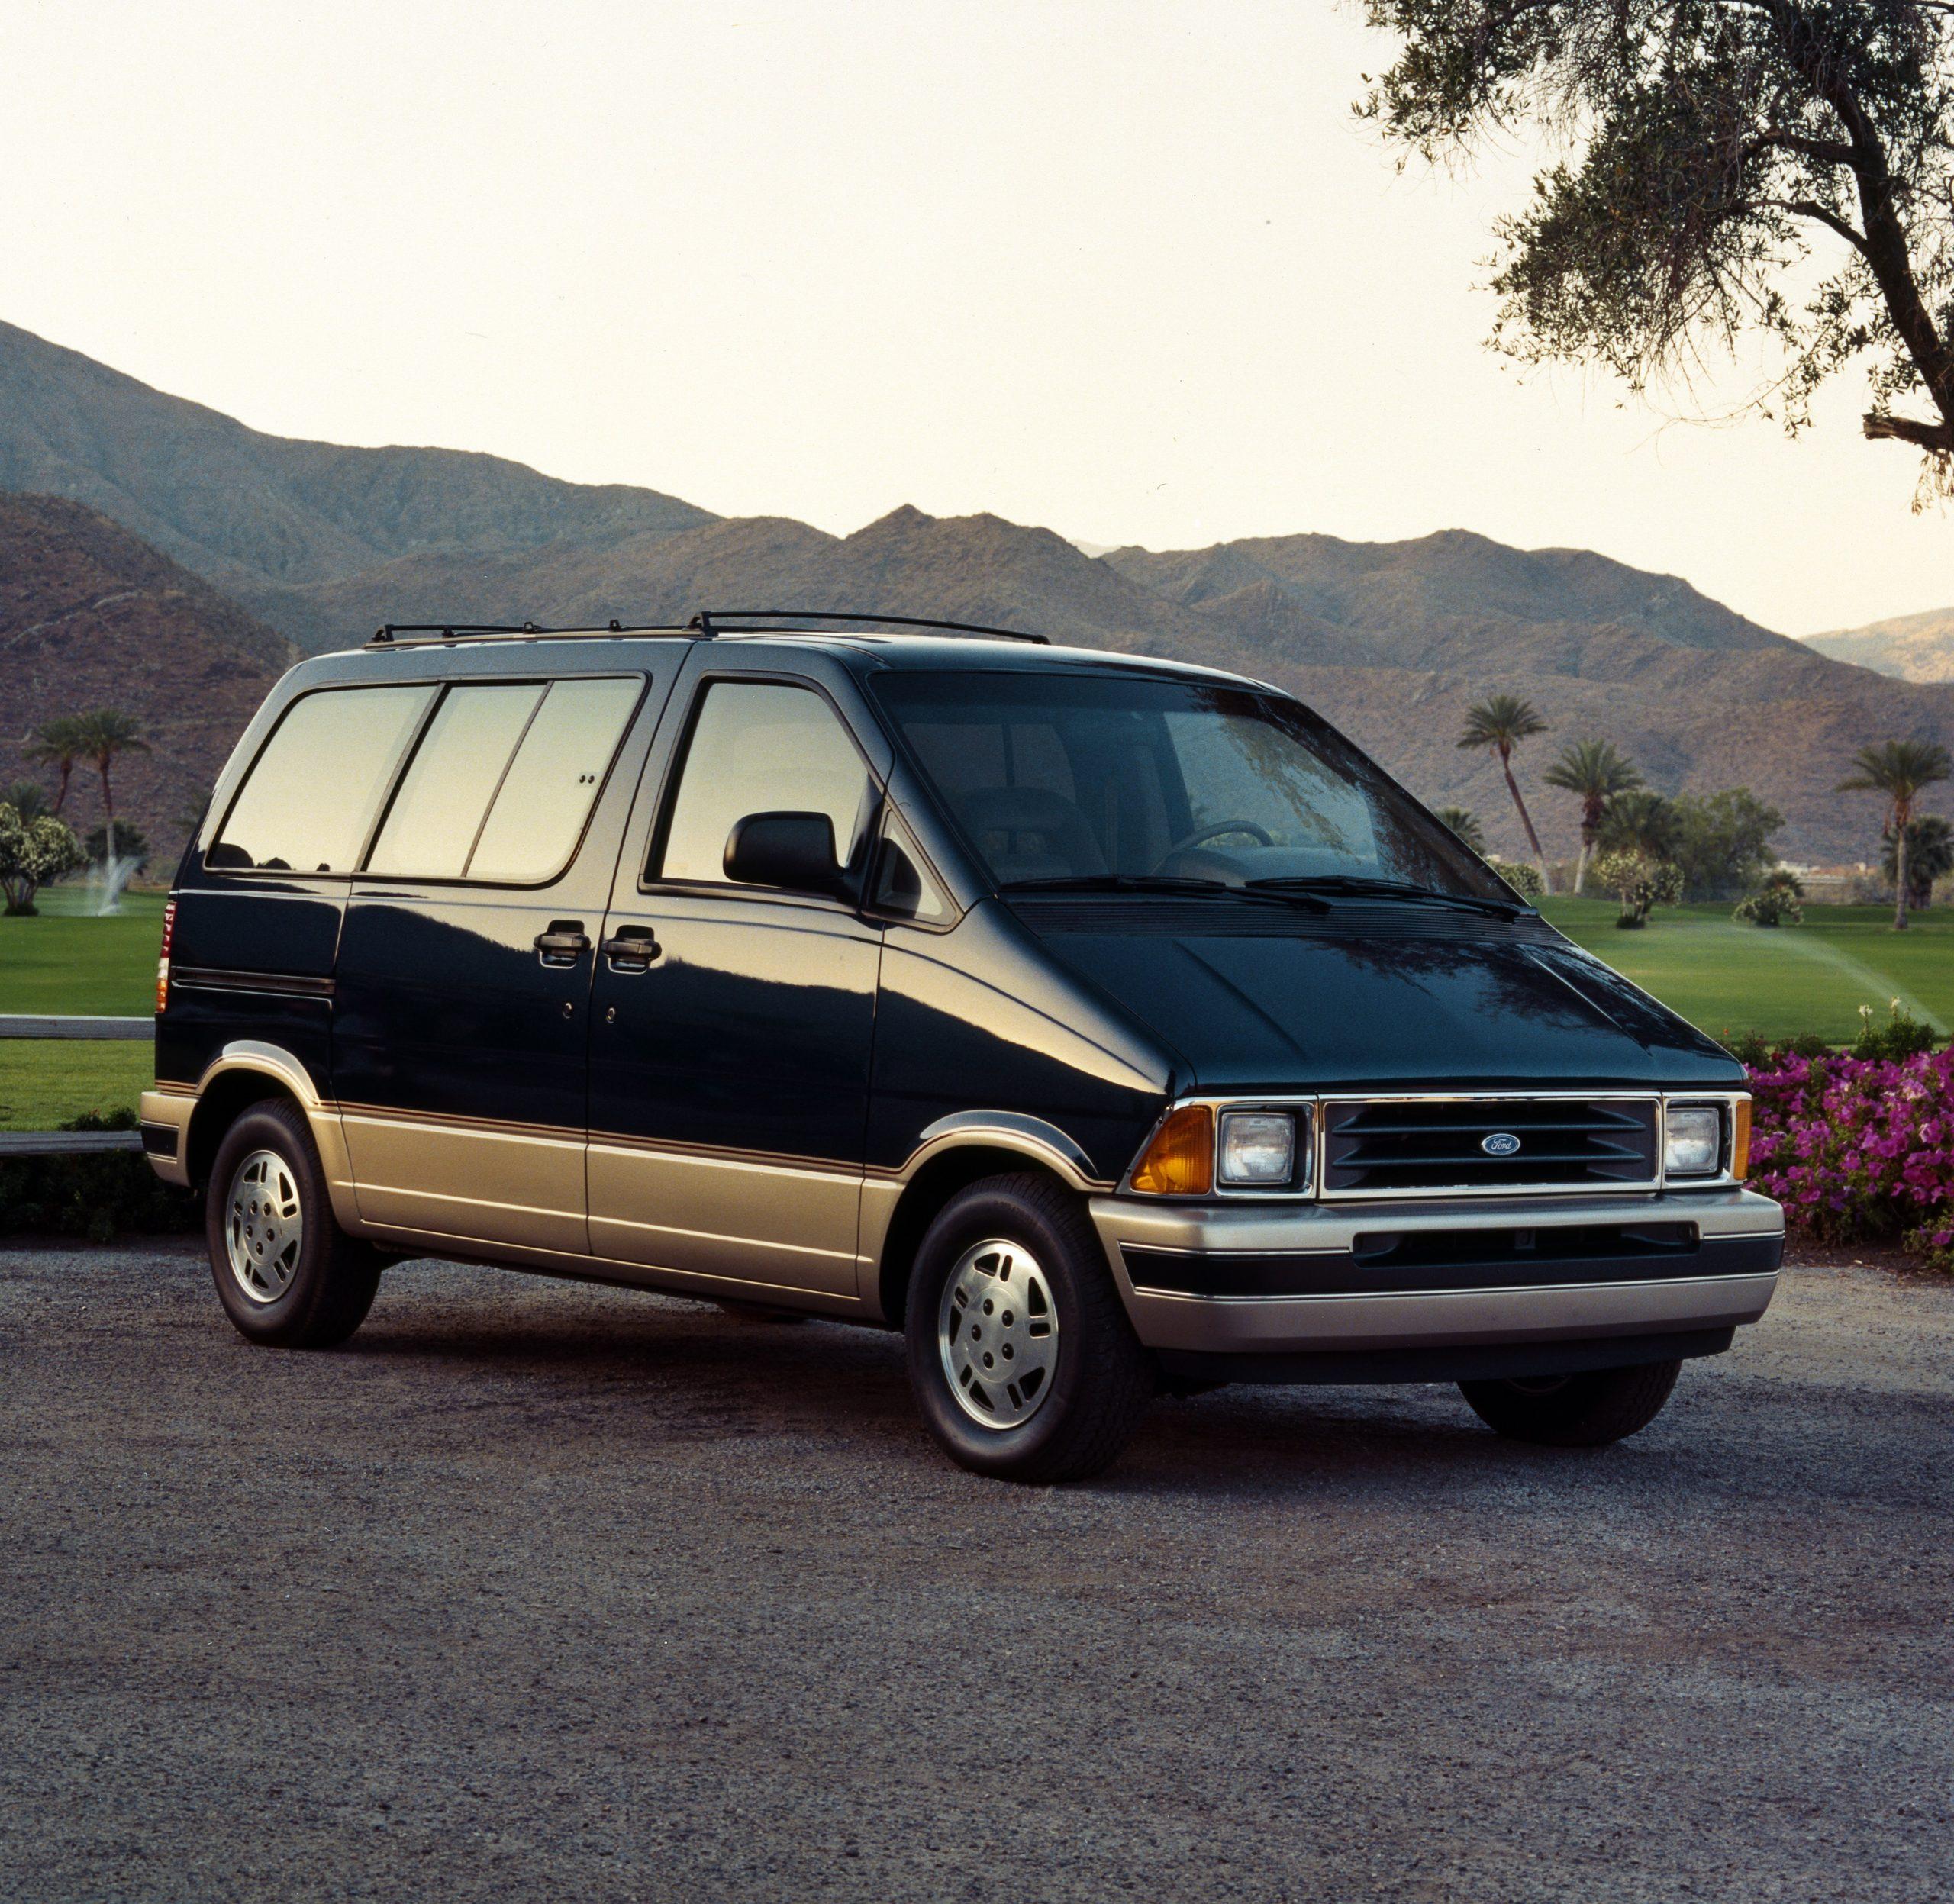 1989 Ford Aerostar